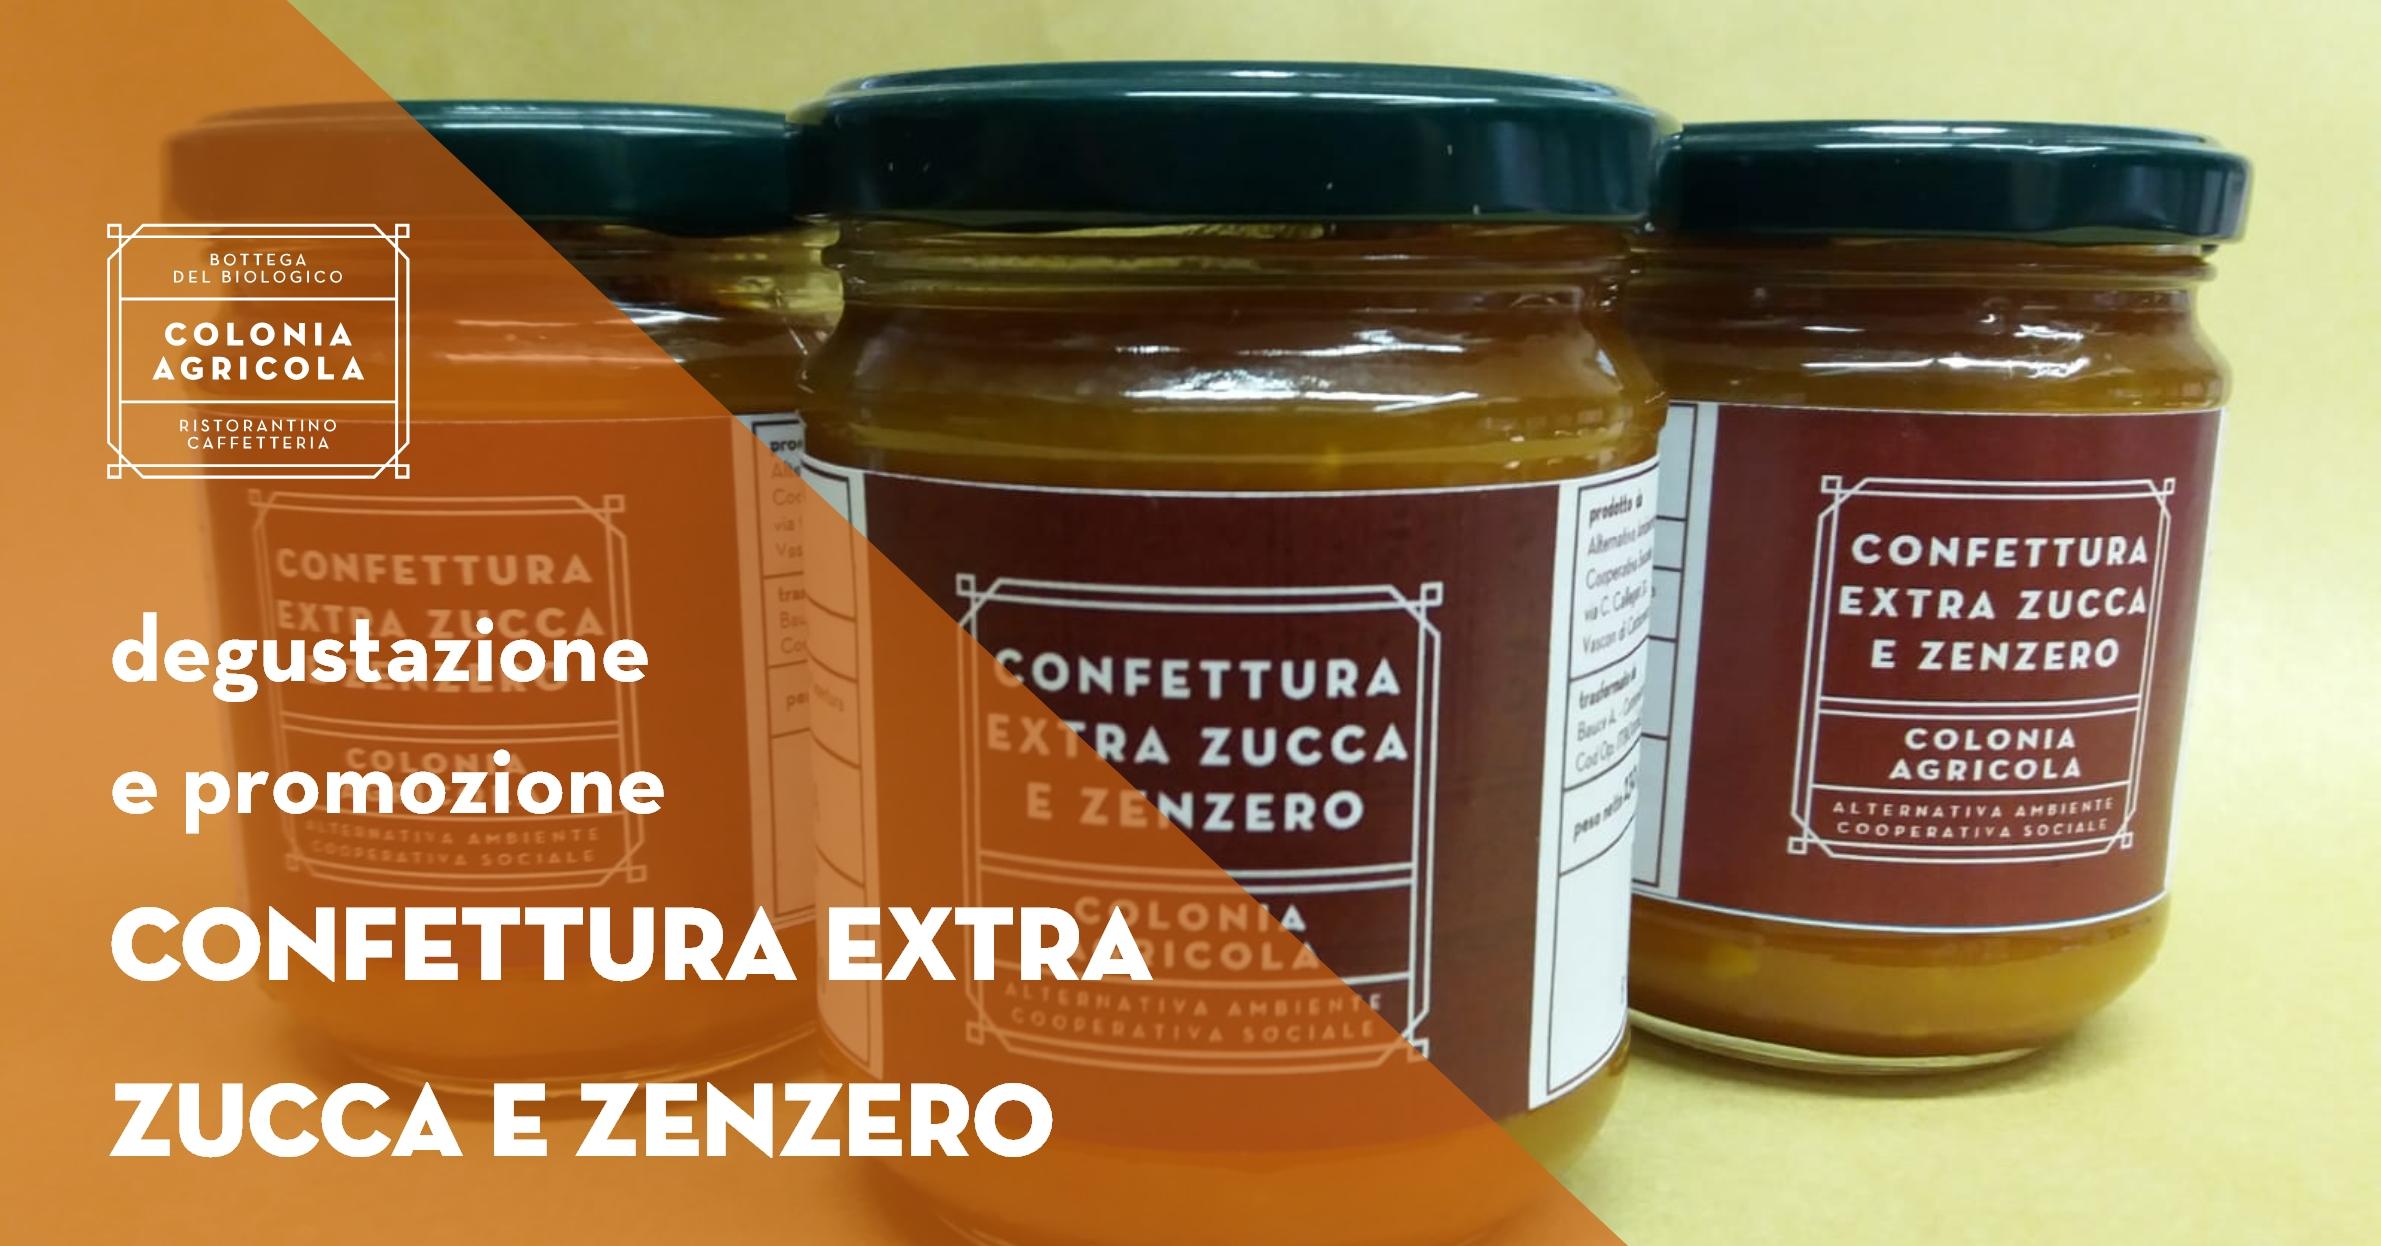 Confettura Zucca e Zenzero Social